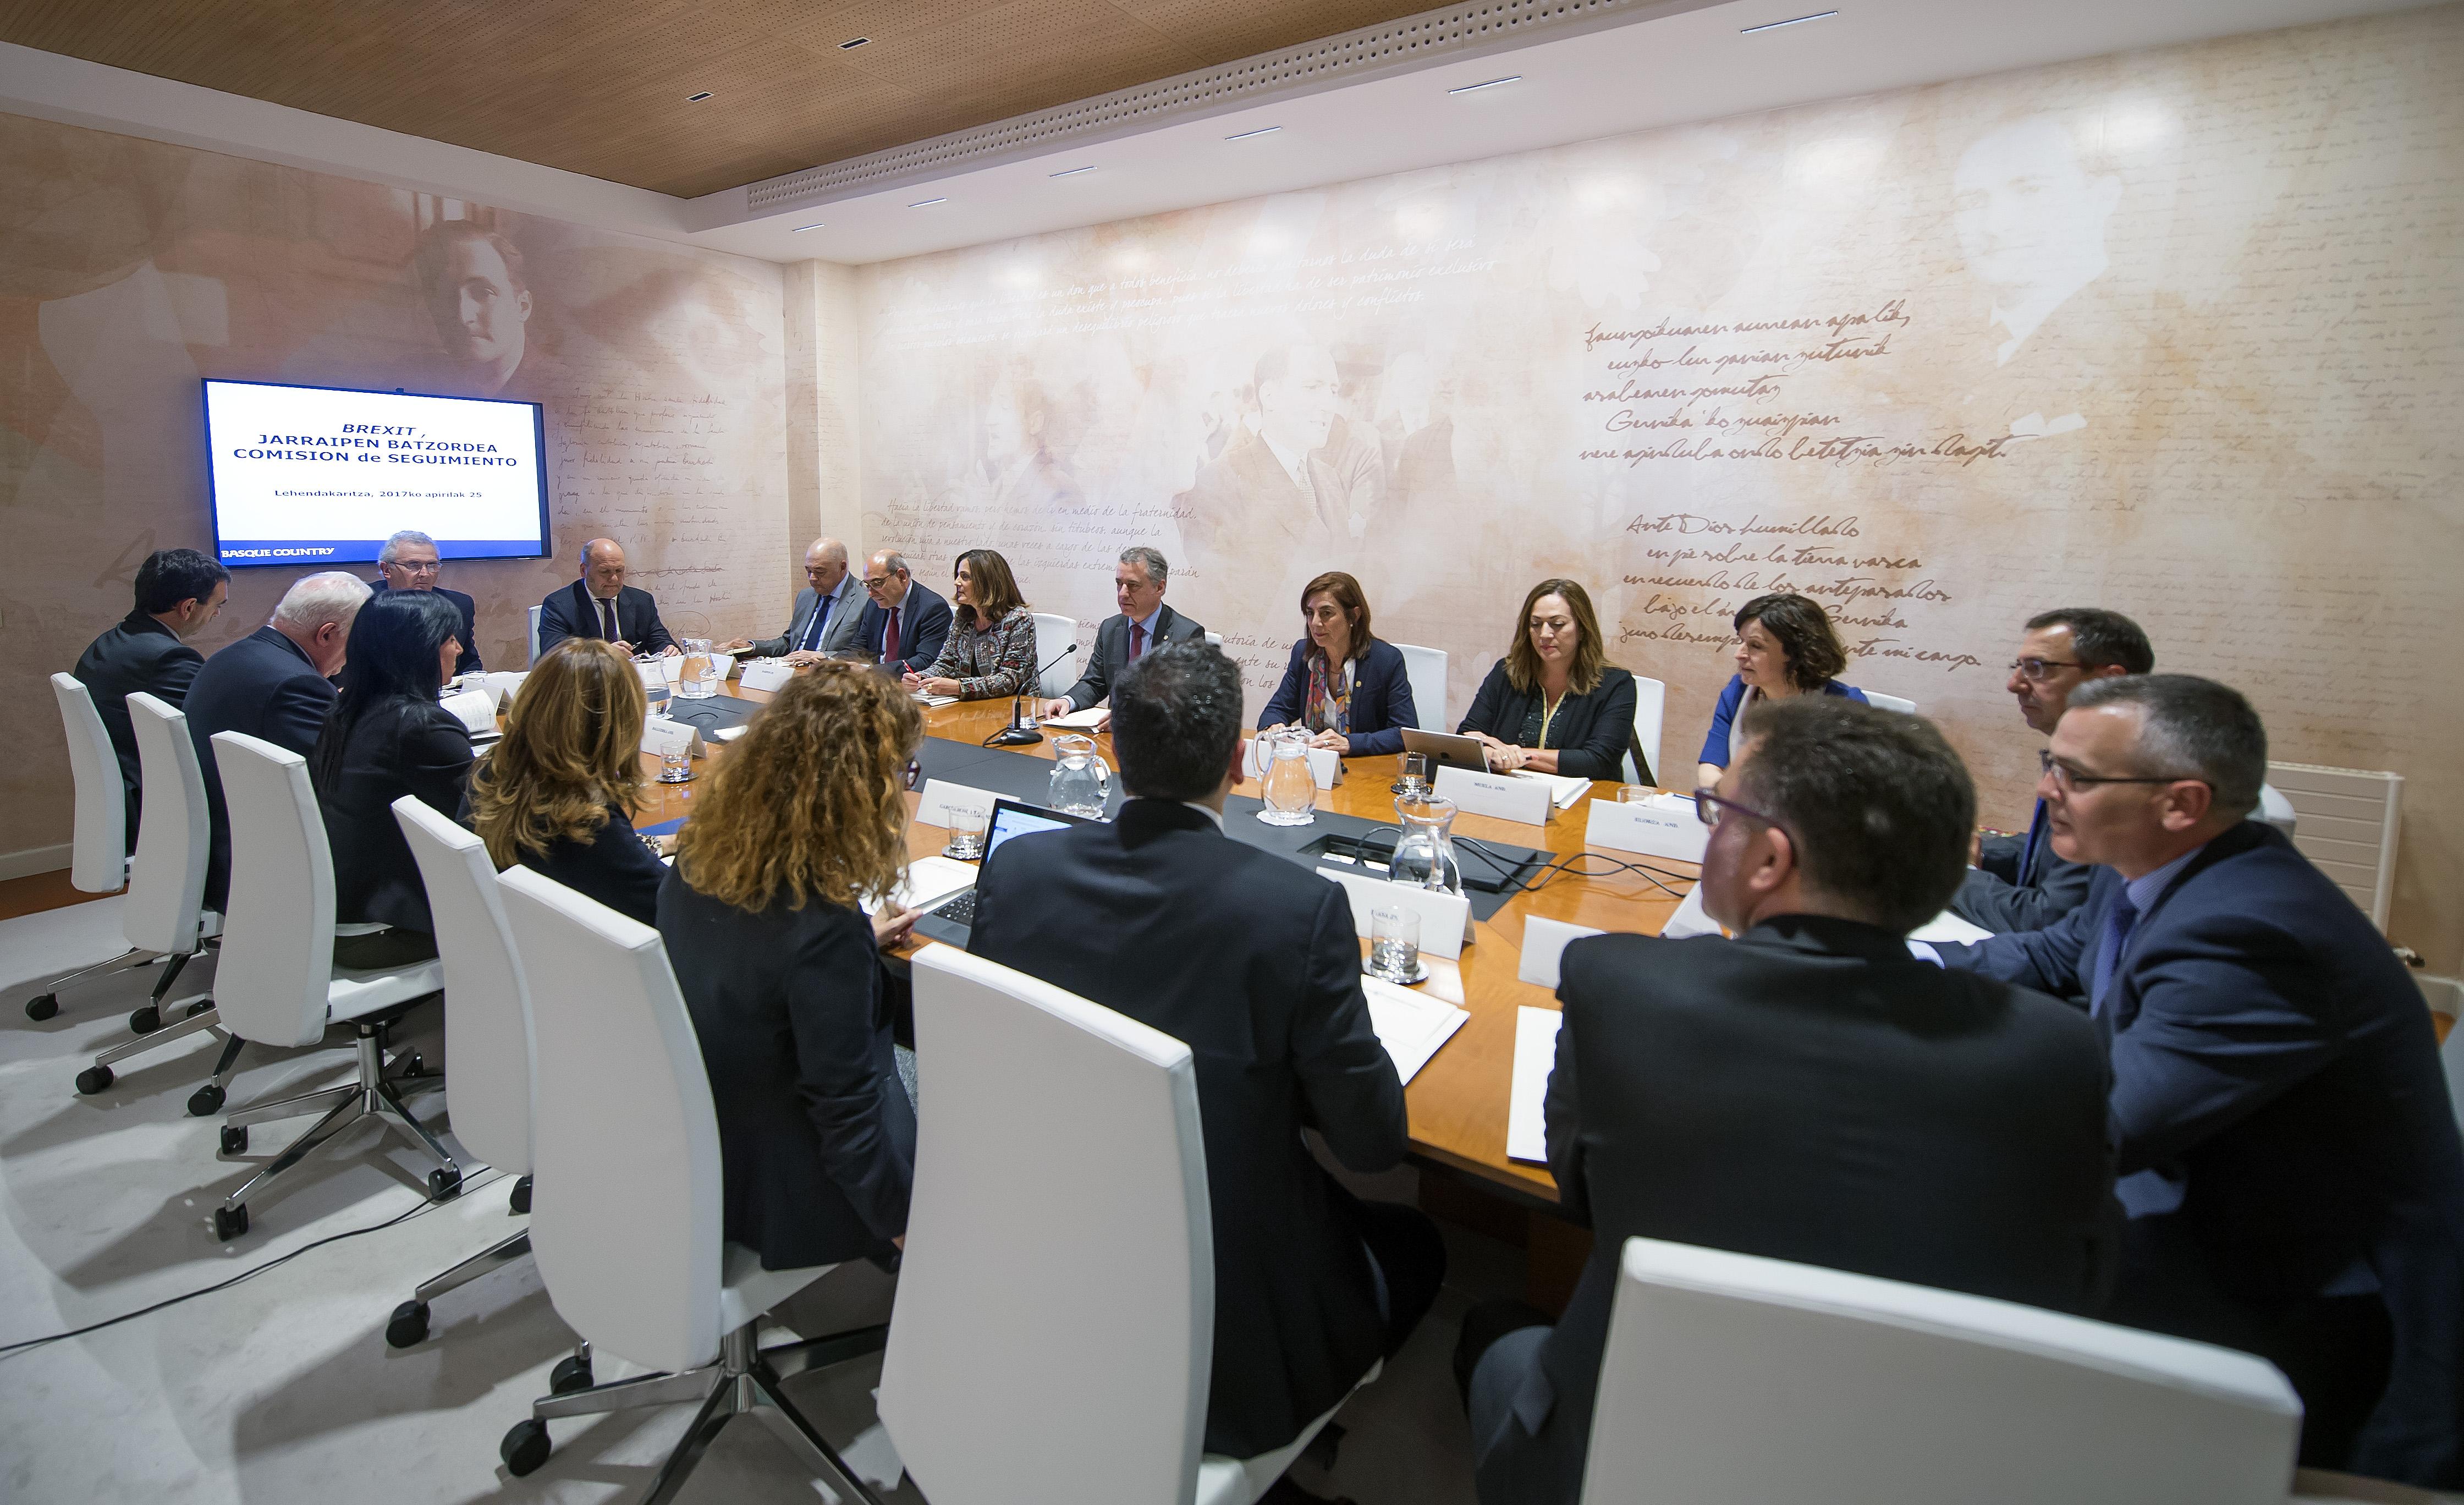 La Comisión vasca de seguimiento del Brexit identificará los retos y oportunidades que se abren para Euskadi